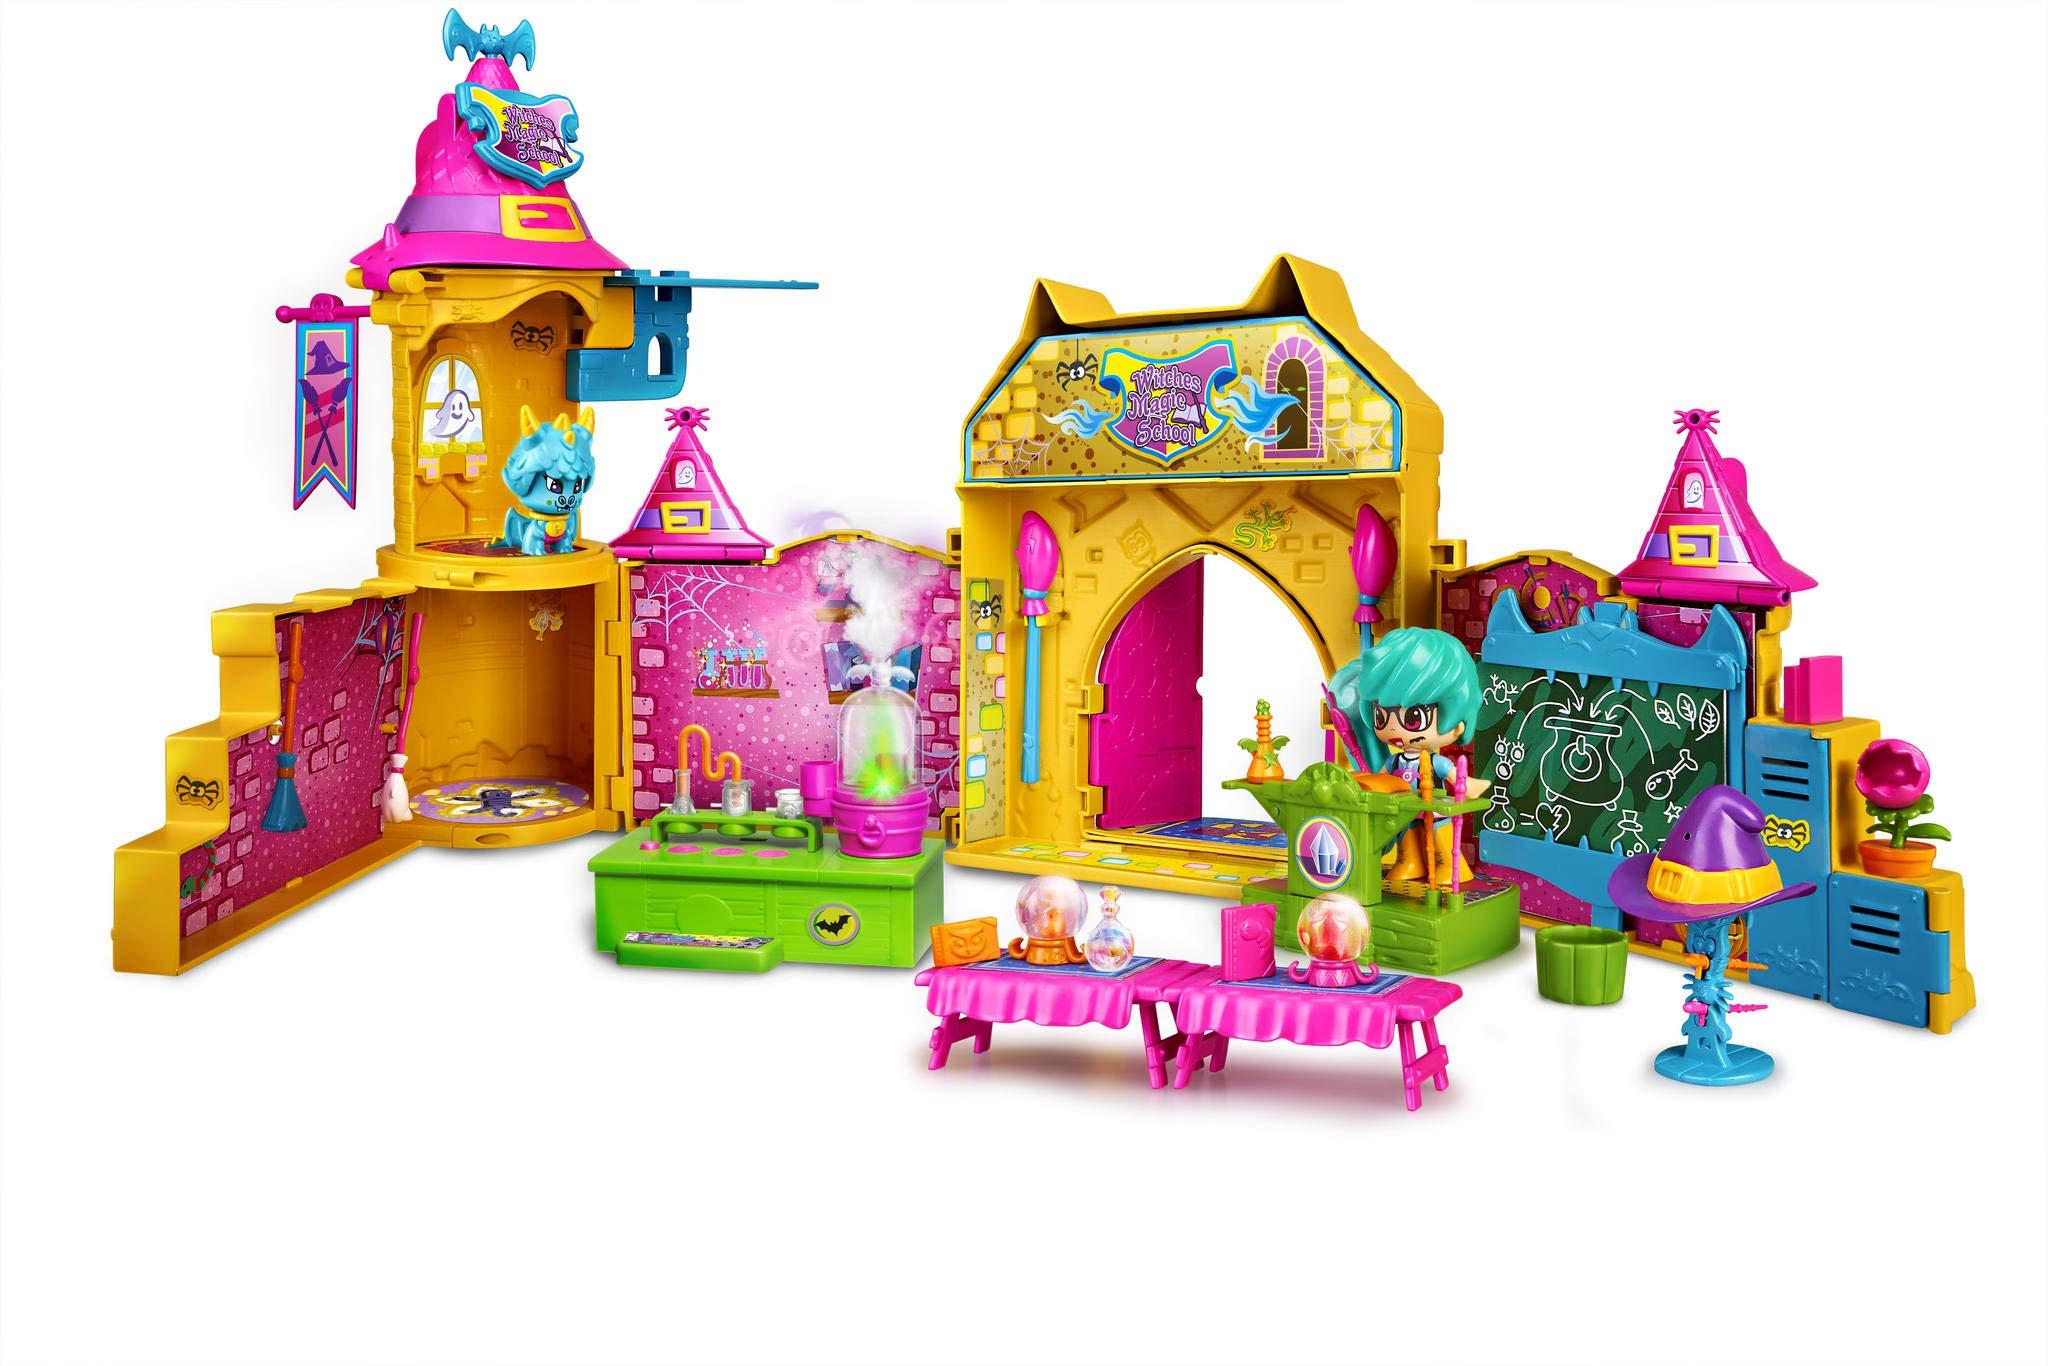 Pinypon-Escuela-de-Brujitas-Set-de-juguete-y-accesorios-con-1-figura-para-nios-y-nias-de-4-a-8-aos-Famosa-700015074